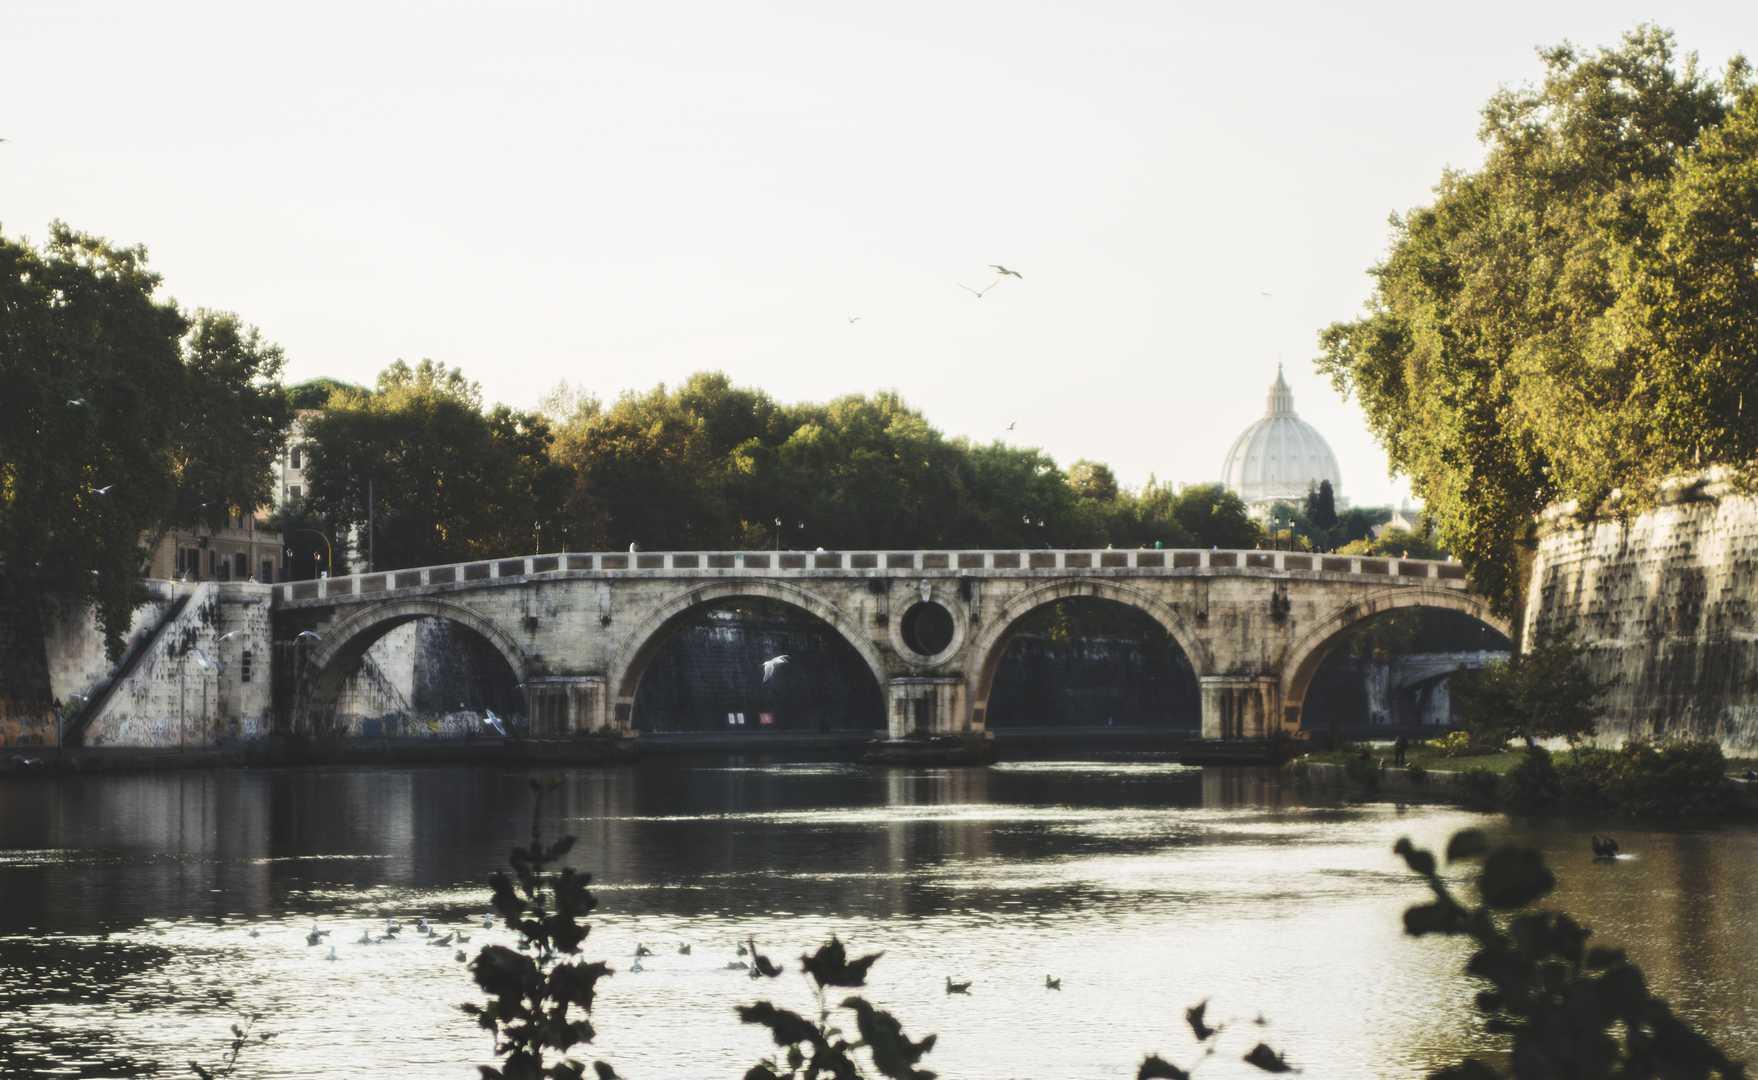 michele-settembre-fotografia-roma-verso-il-ponte-sisto